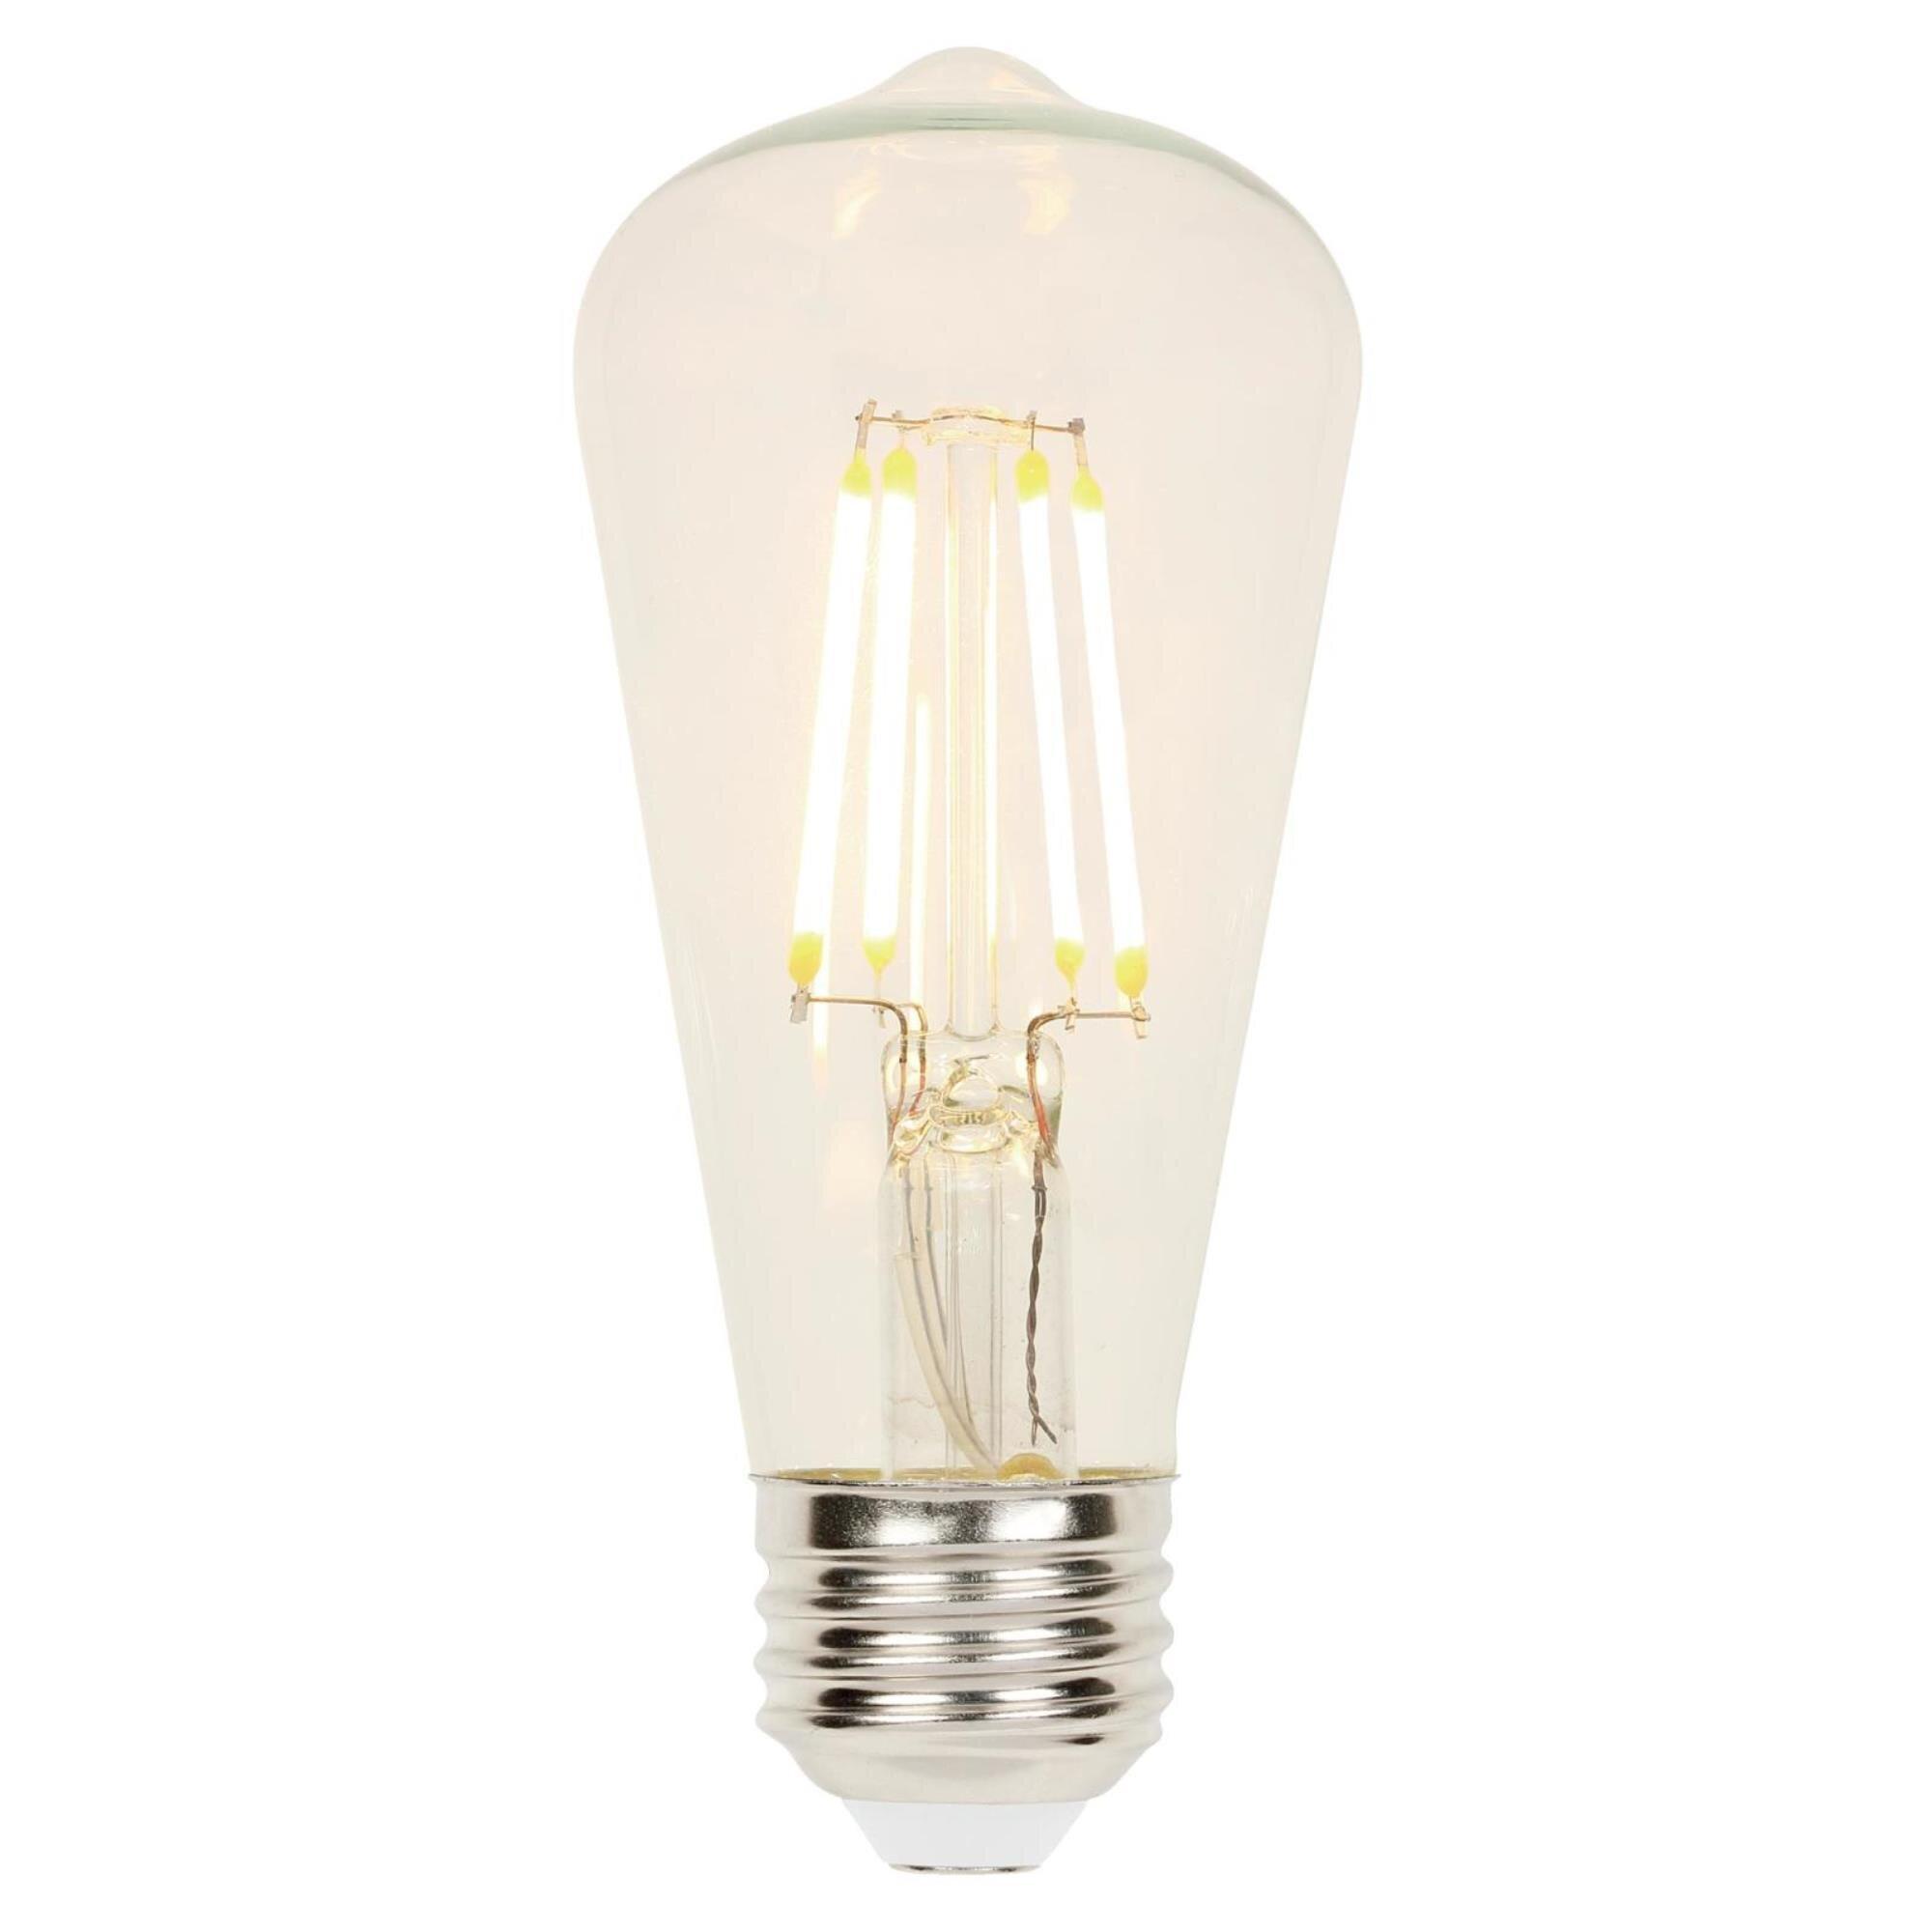 Westinghouse Lighting 60 Watt Equivalent Led Dimmable Light Bulb Warm White 2700k E26 Base Reviews Wayfair